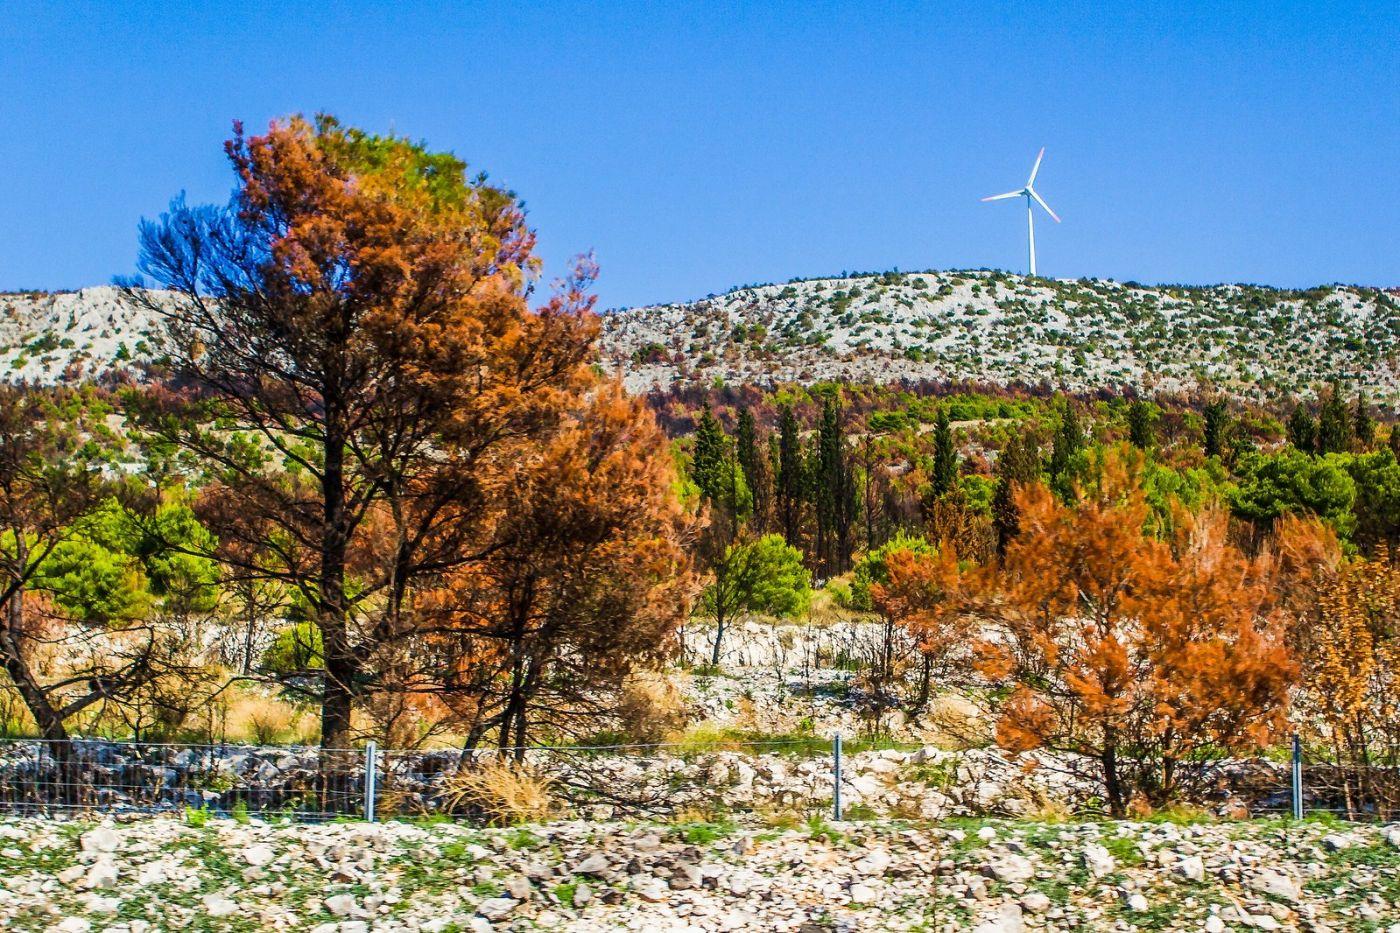 克罗地亚旅途,沿路的秋色_图1-23